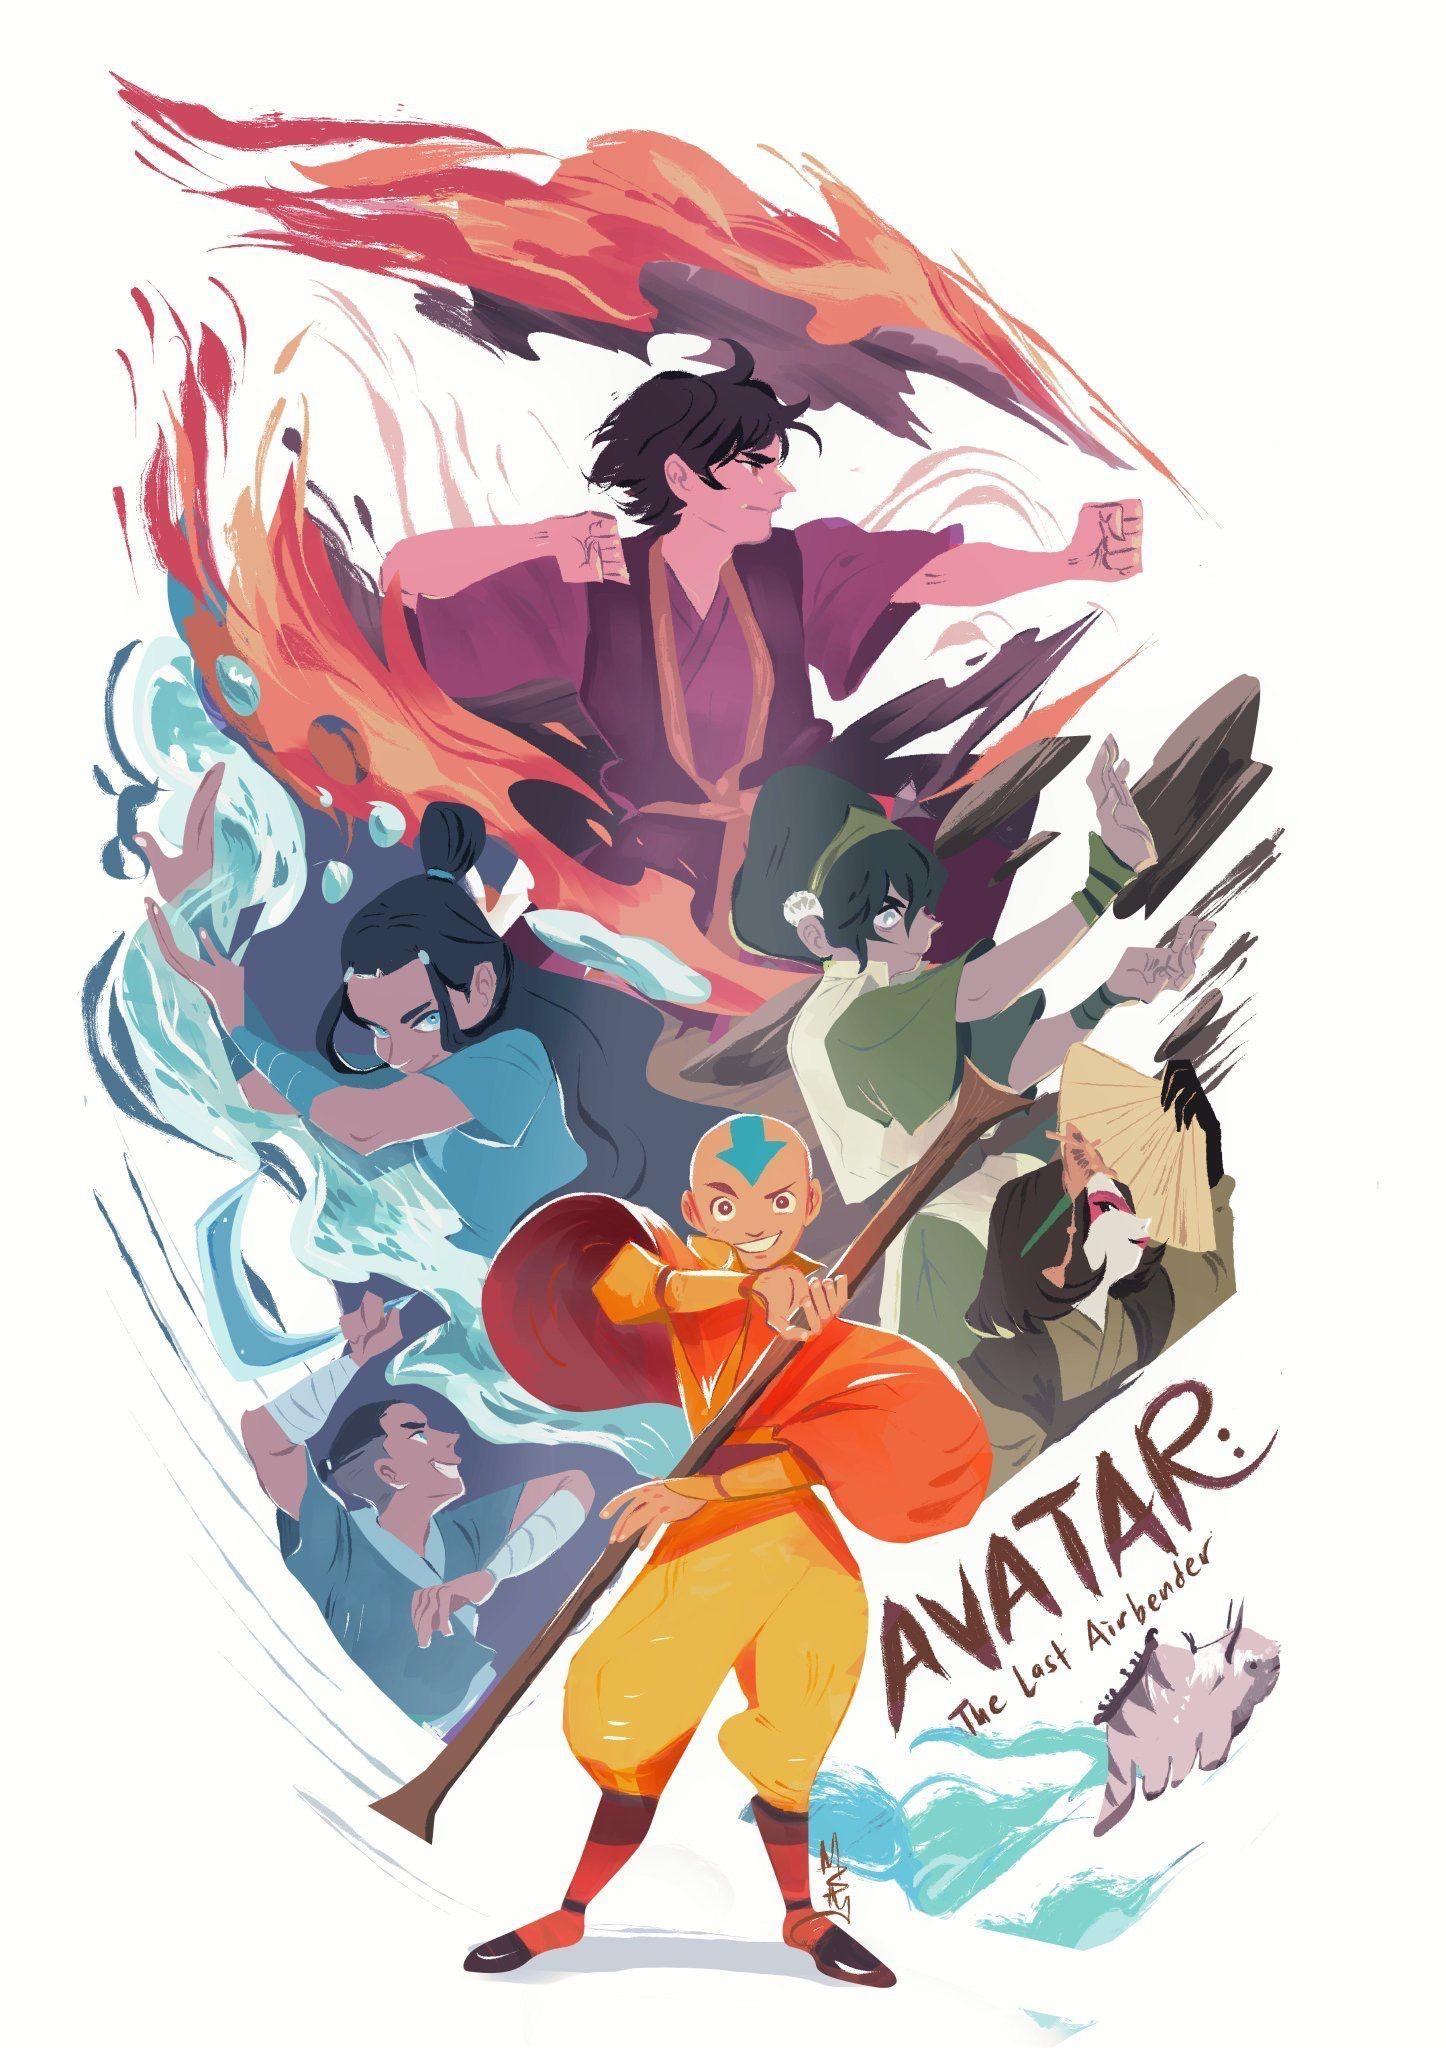 ✨✨Mai ✨✨ on Twitter: TEAM AVATAR :D… #avatarthelastairbender Avatar: The Last Airbender Aang, Katara, Toph, Zuko, Sokka #avatarthelastairbender